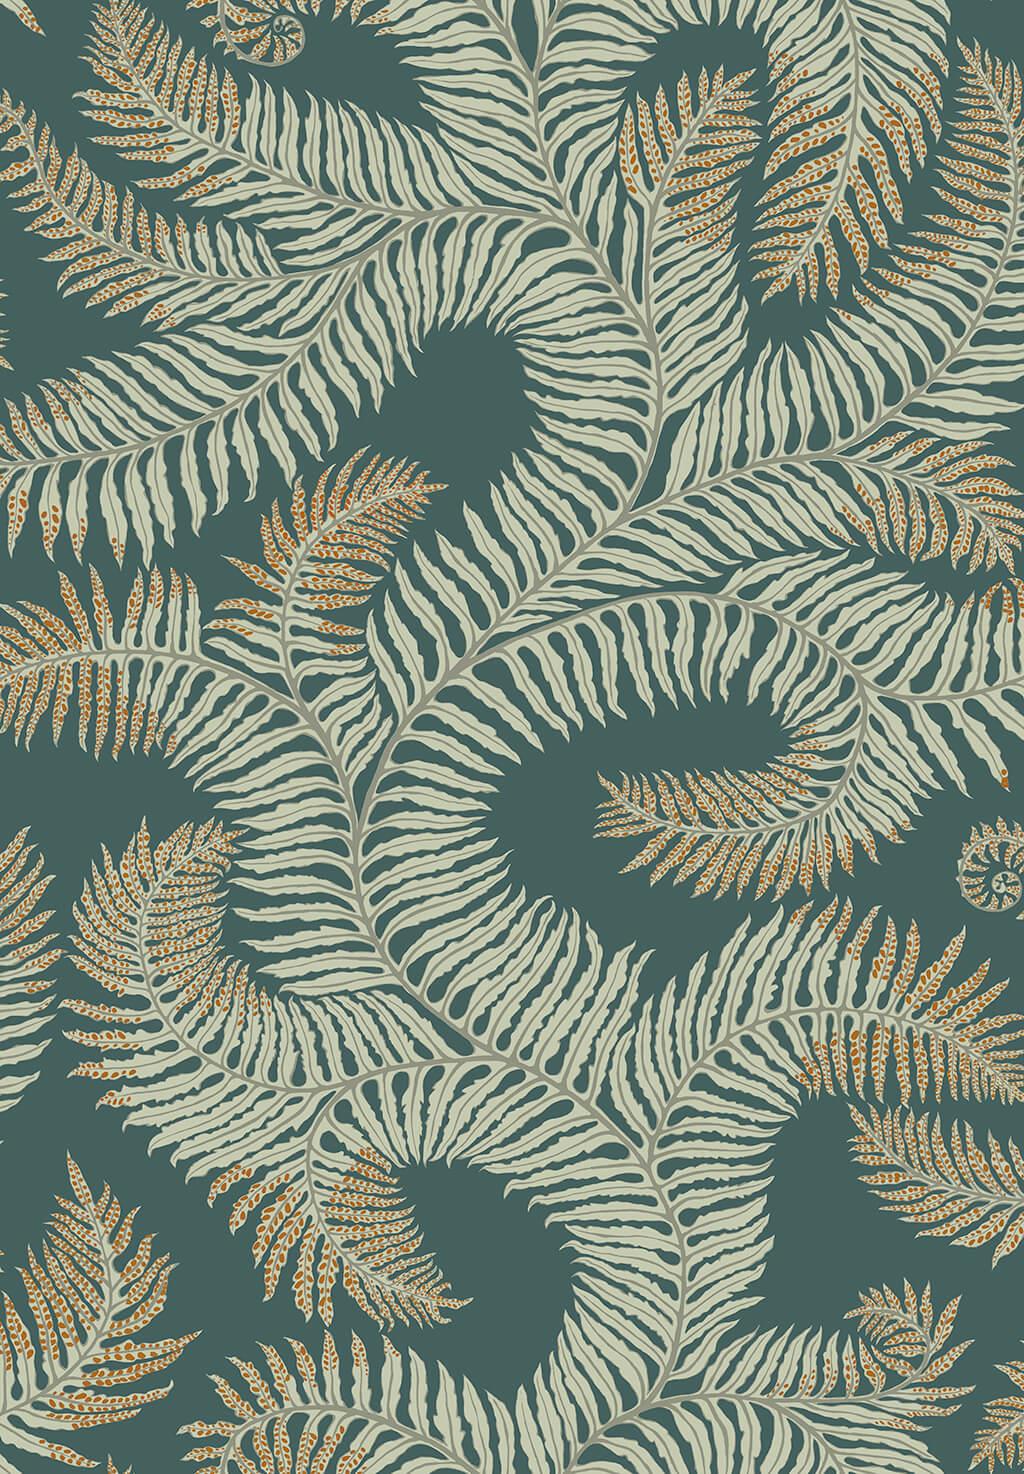 Designer Ferns Wallpaper | Teal & Orange Highlights